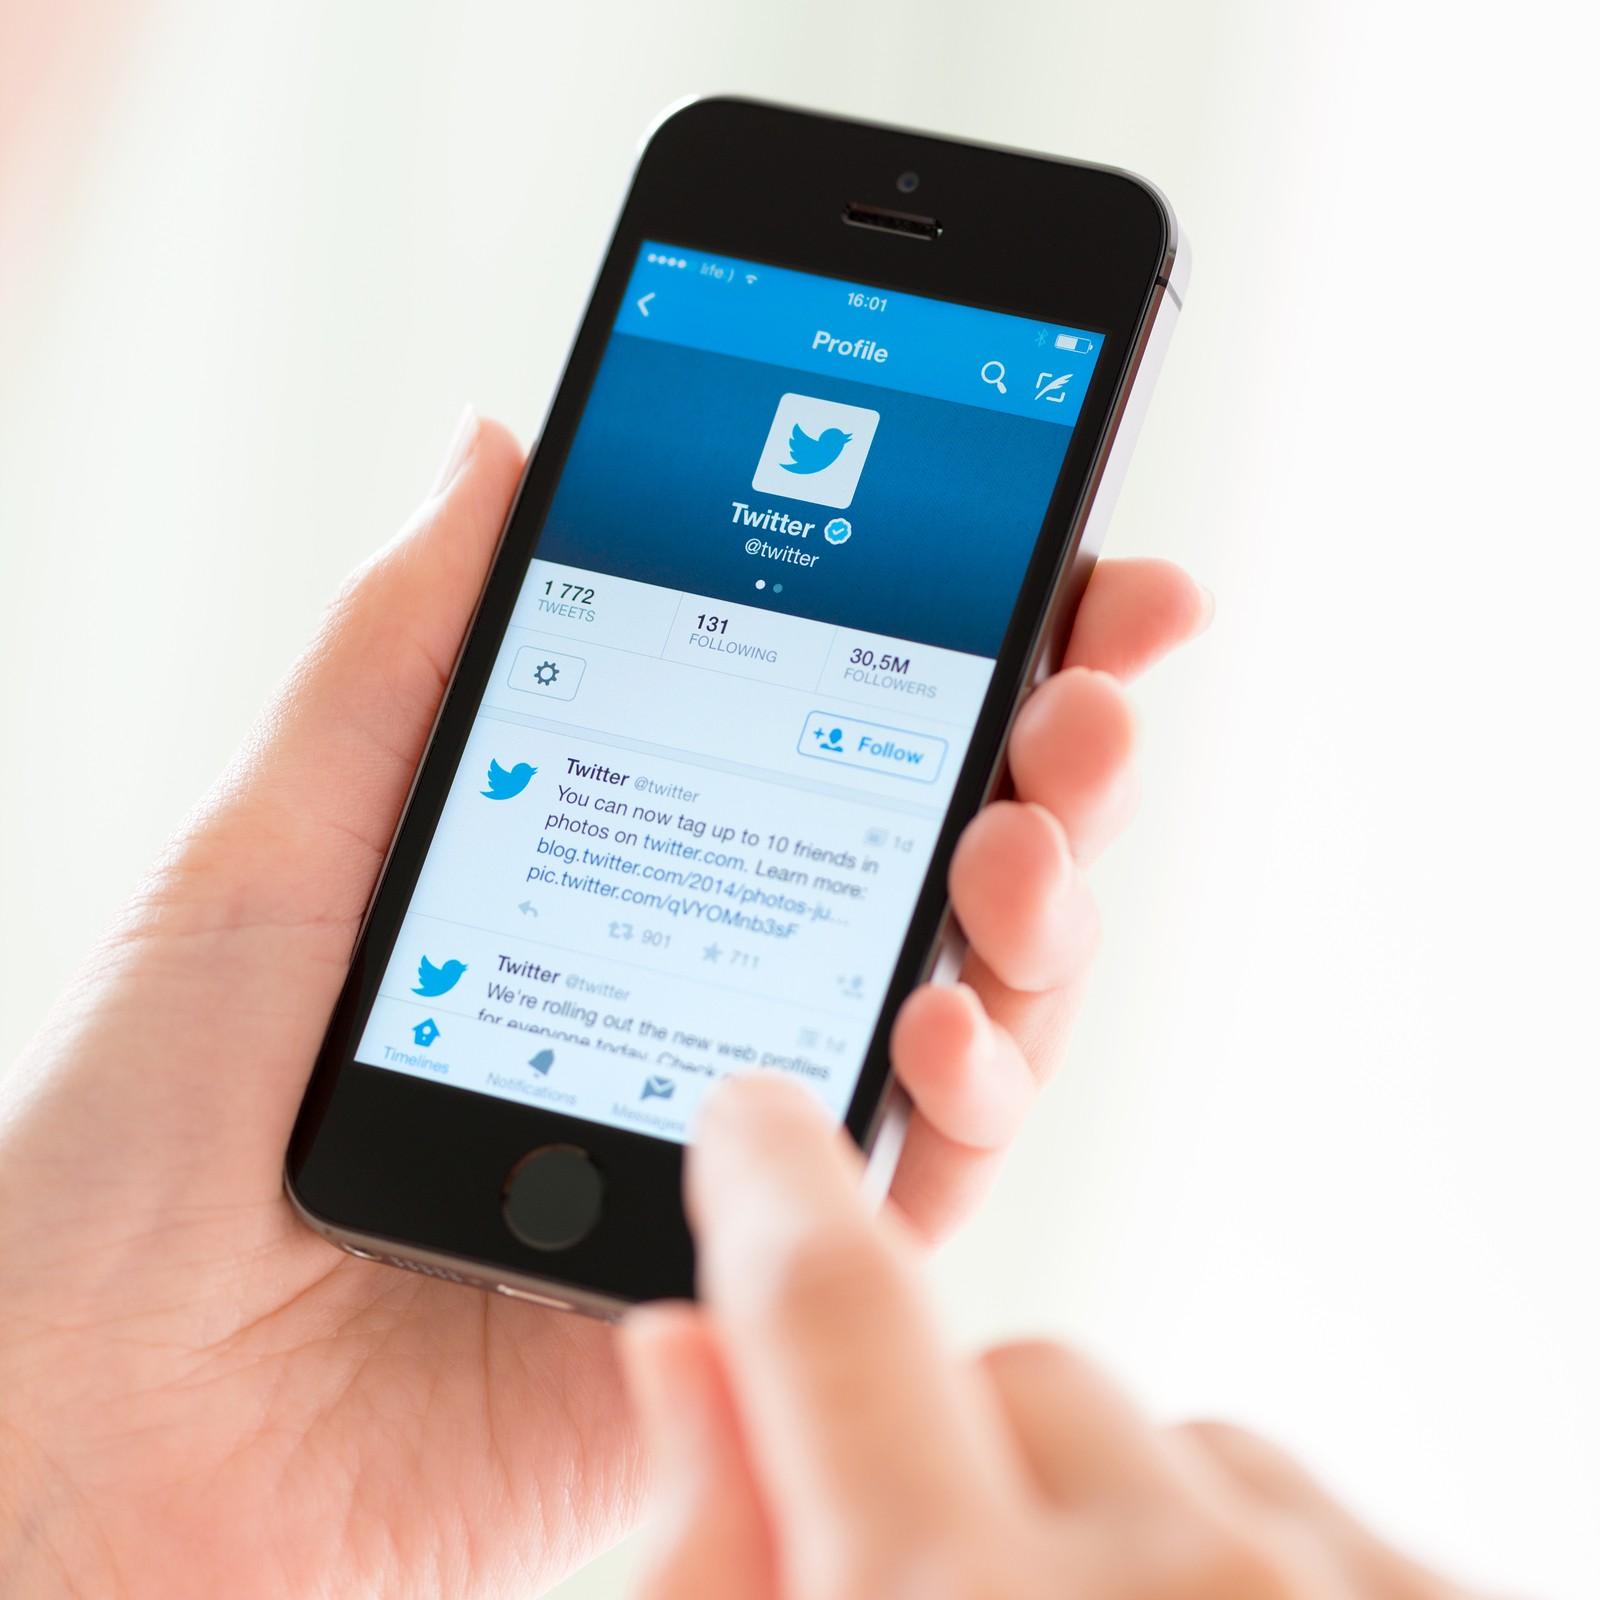 Fab CEO Tweet Rant Reveals Key Twitter Weakness